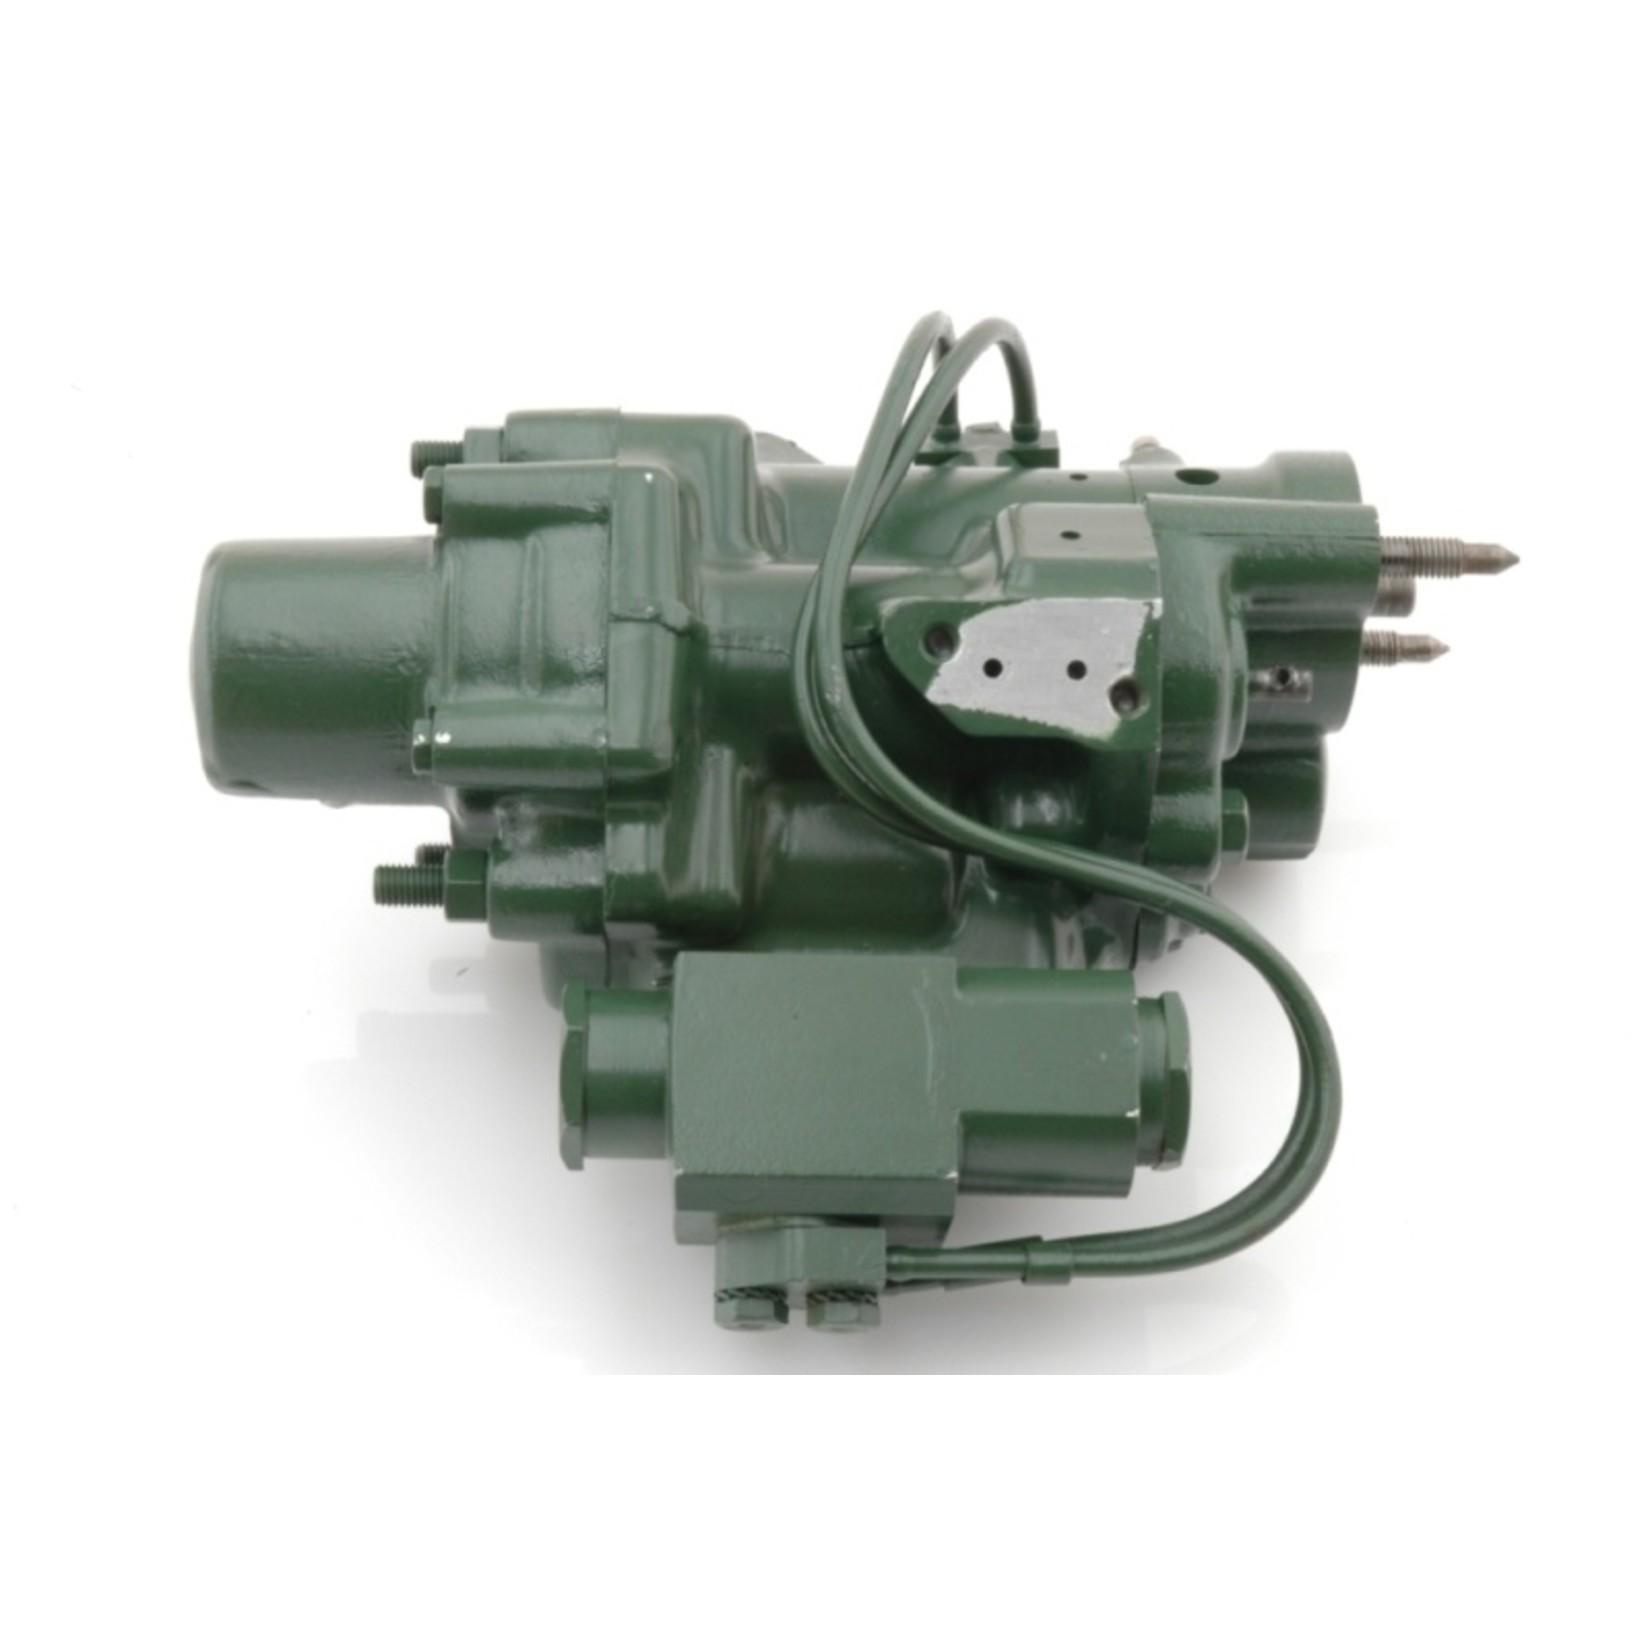 Bloque hidraulico reaconditionado LHM Nr Org: DXN33407